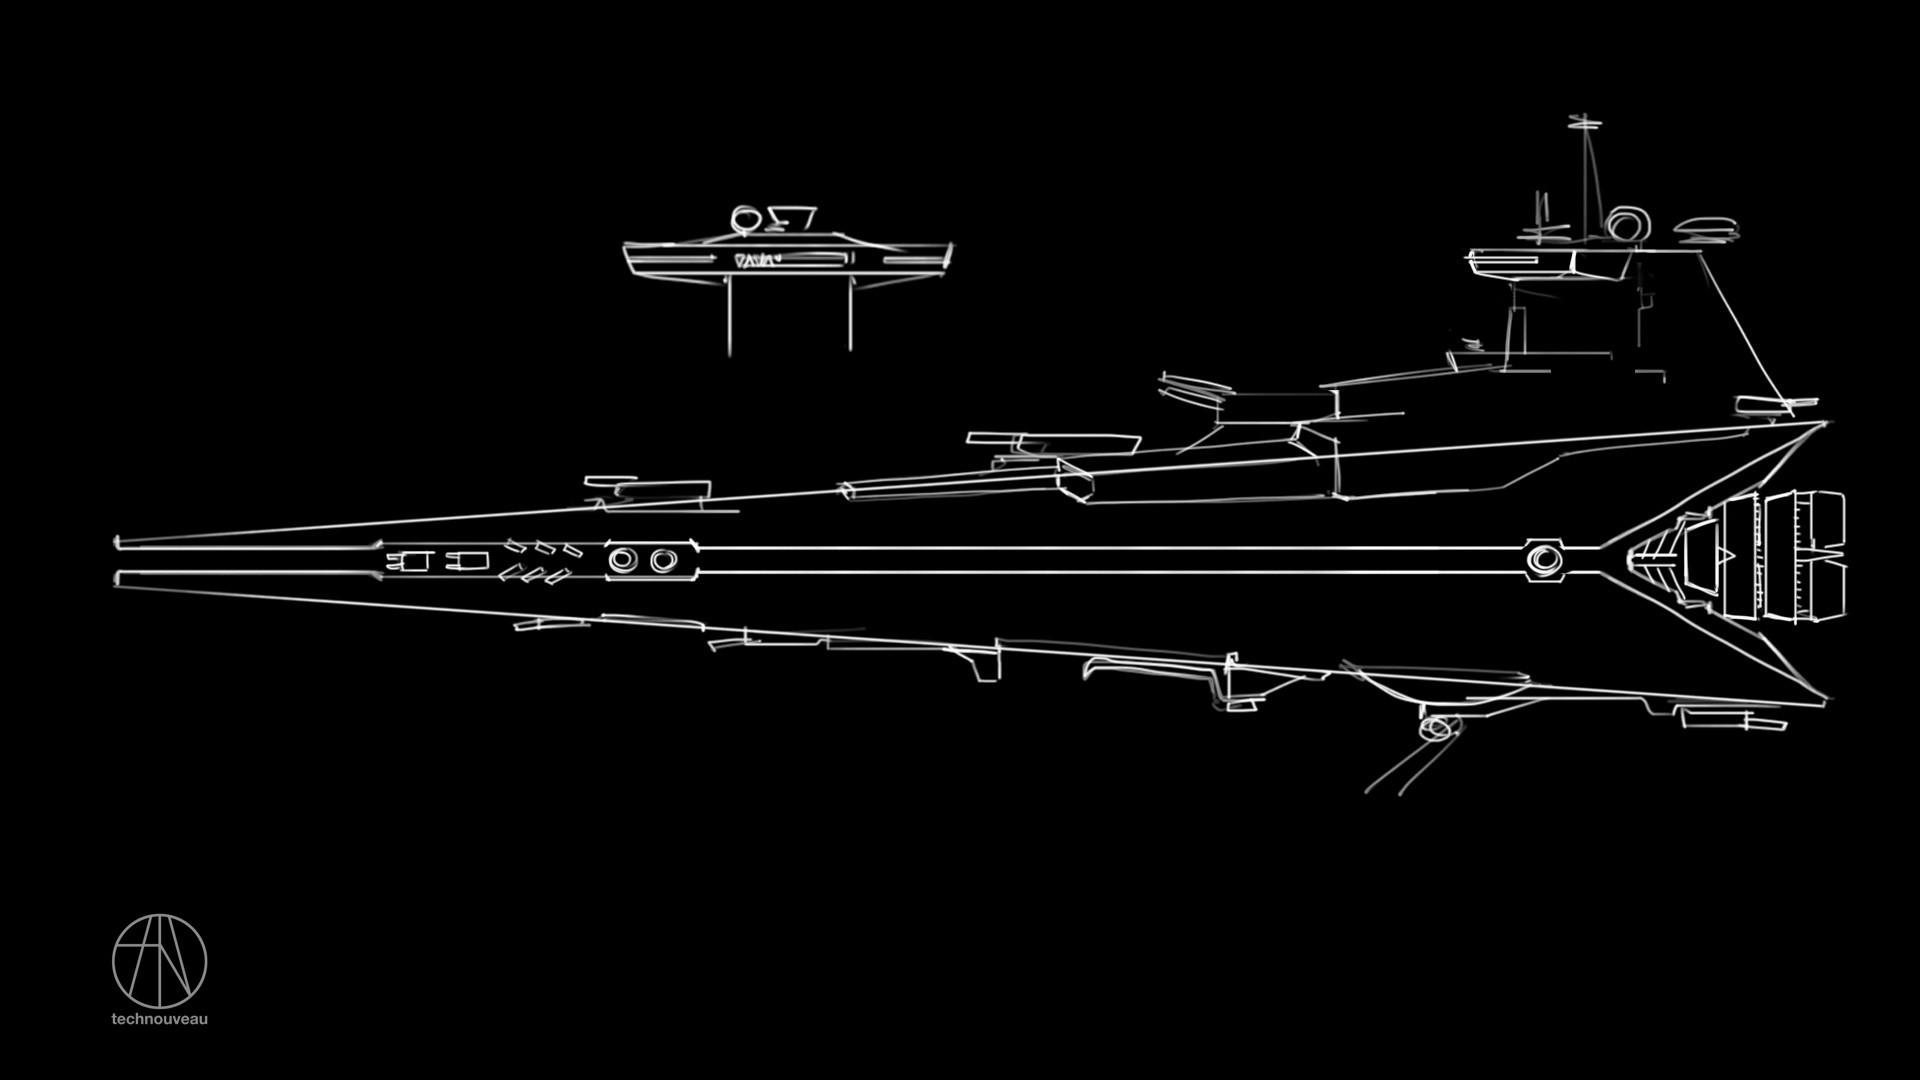 Rasmus poulsen star destroyer sketch 01